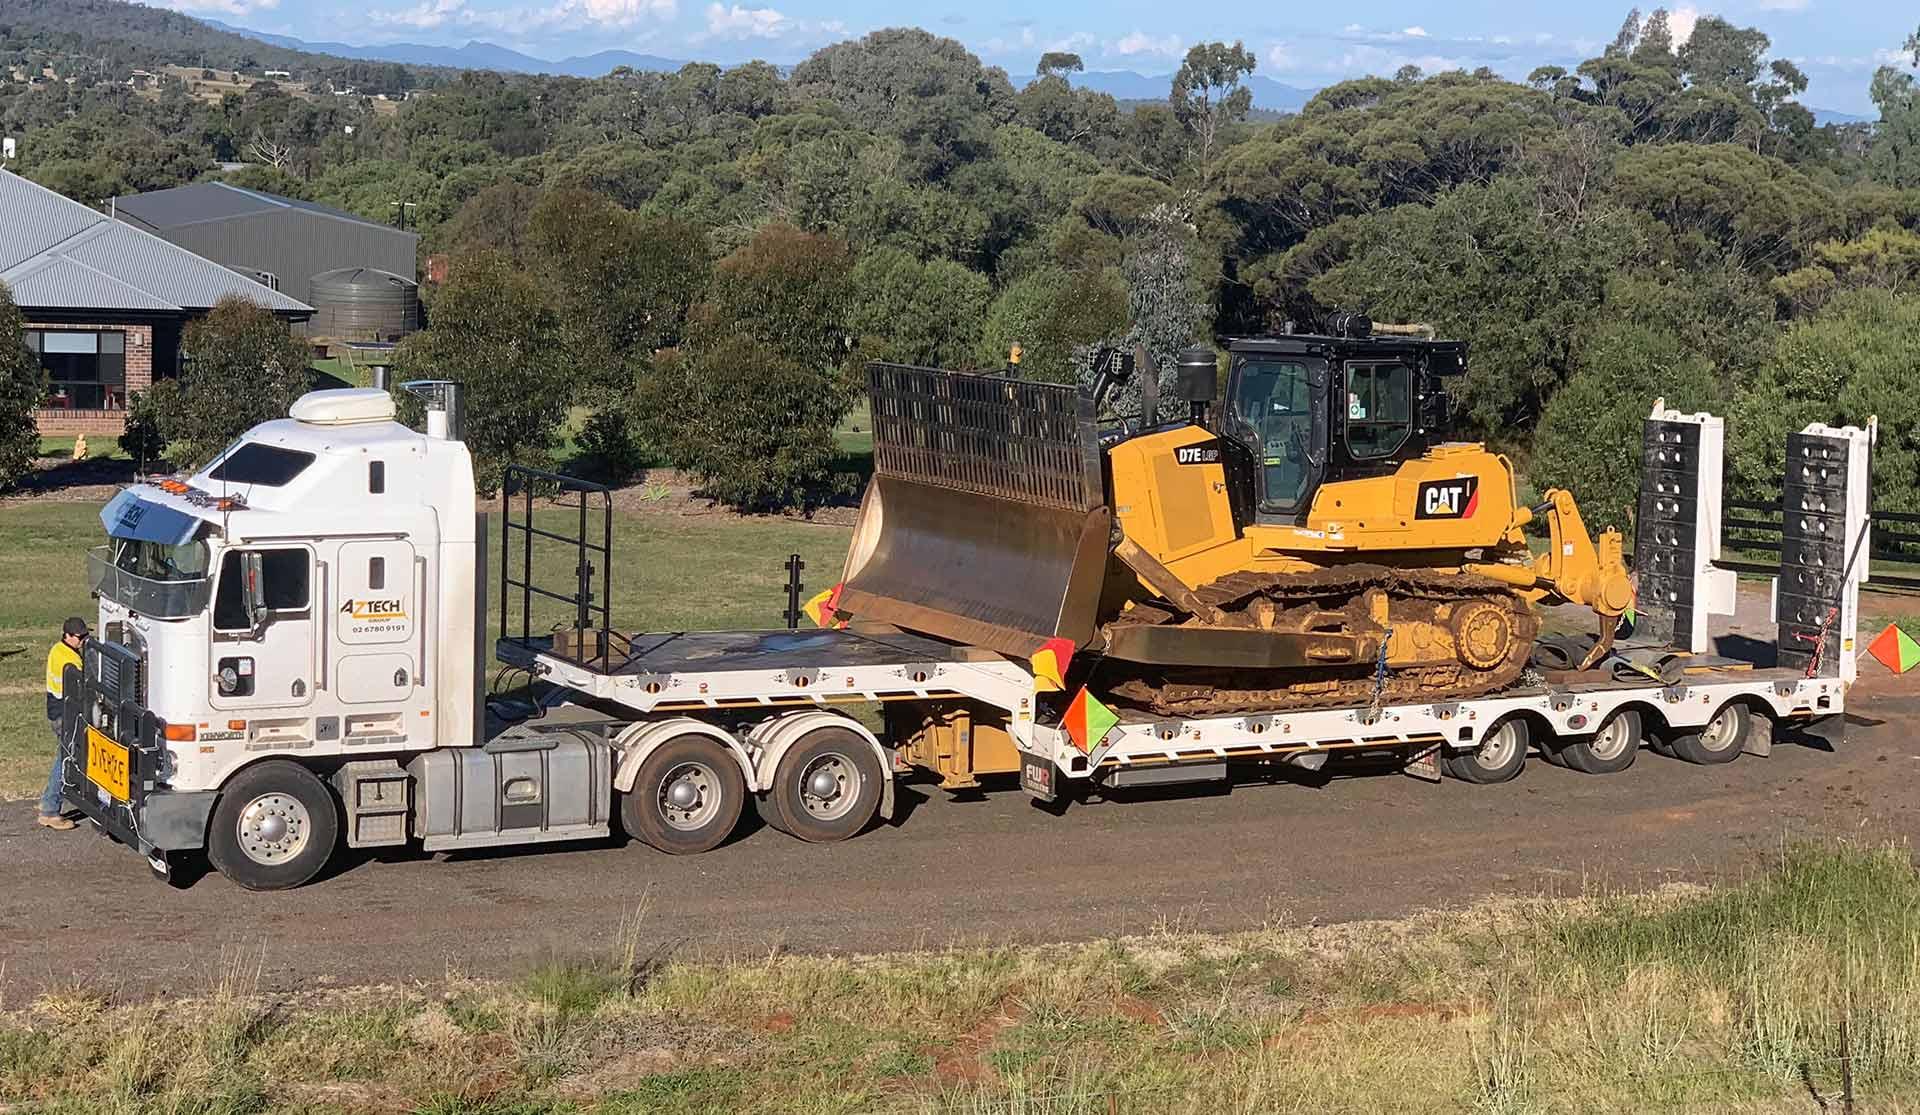 Aztech 24 wheeler truck carrying a CAT D7 tractor